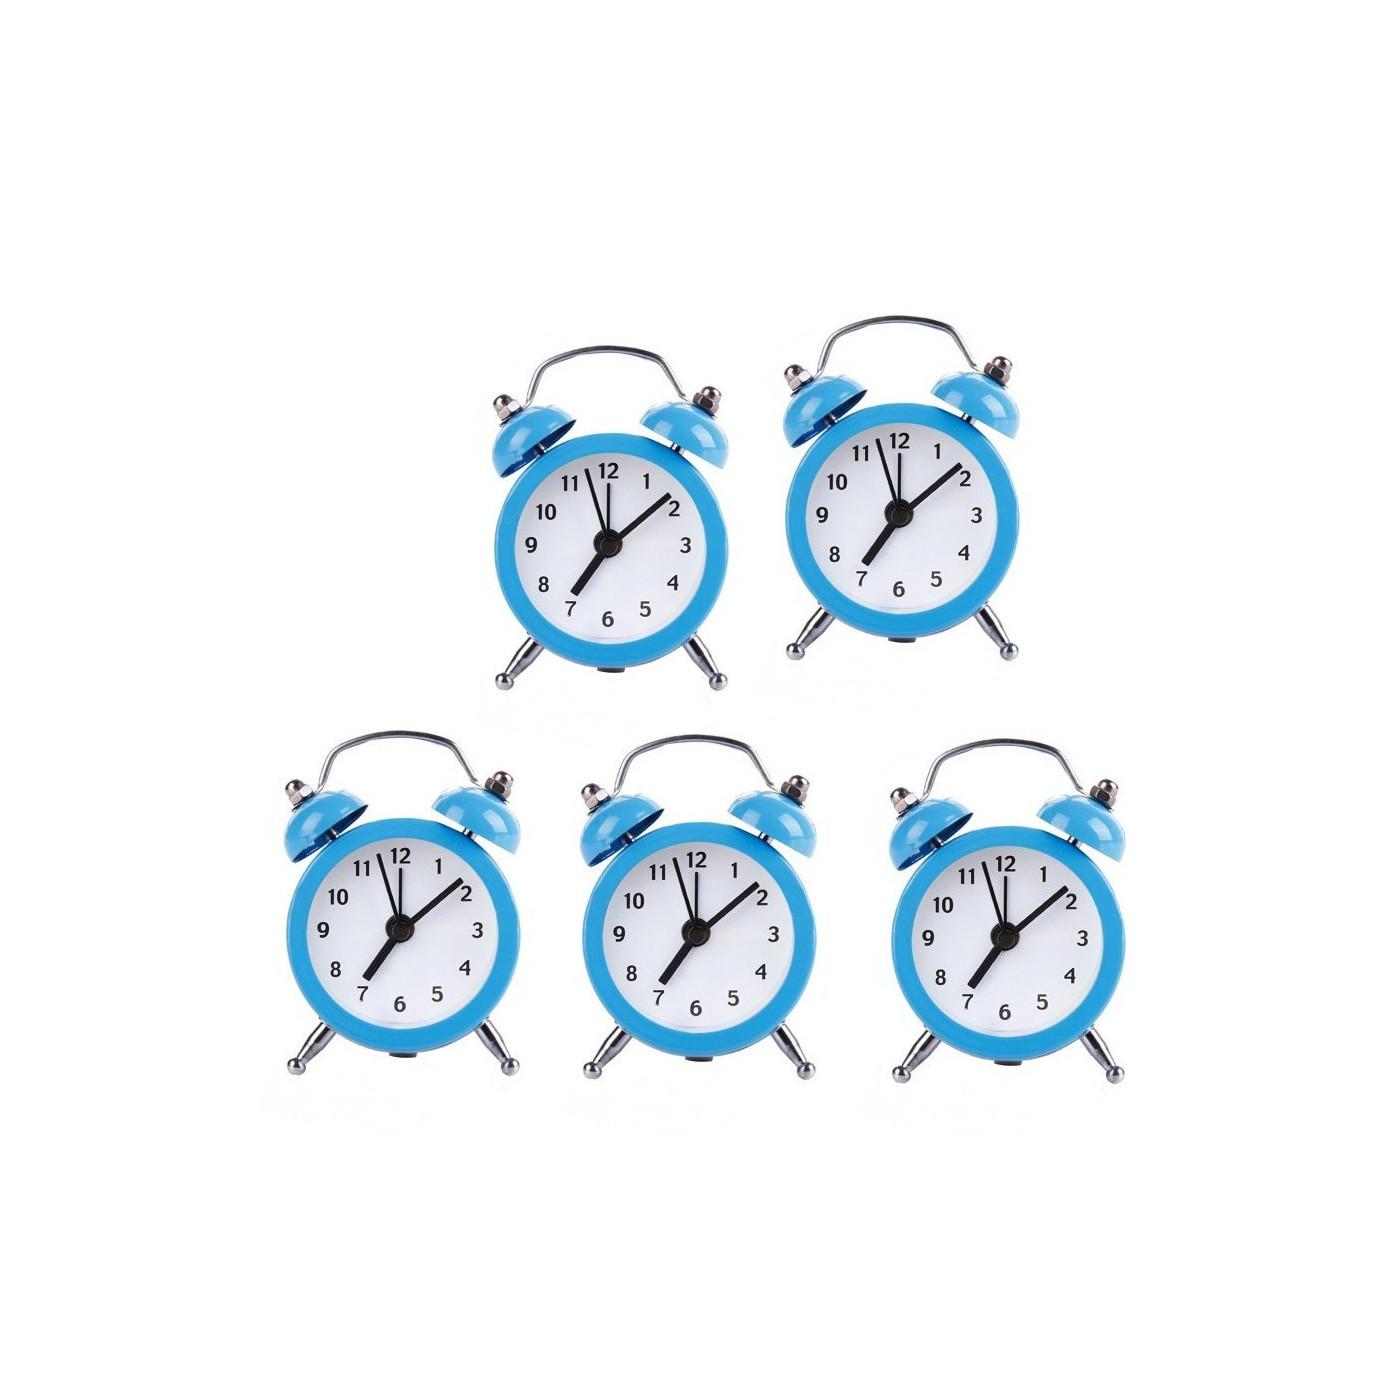 Ensemble de 5 petits réveils rigolos (bleu clair, pile)